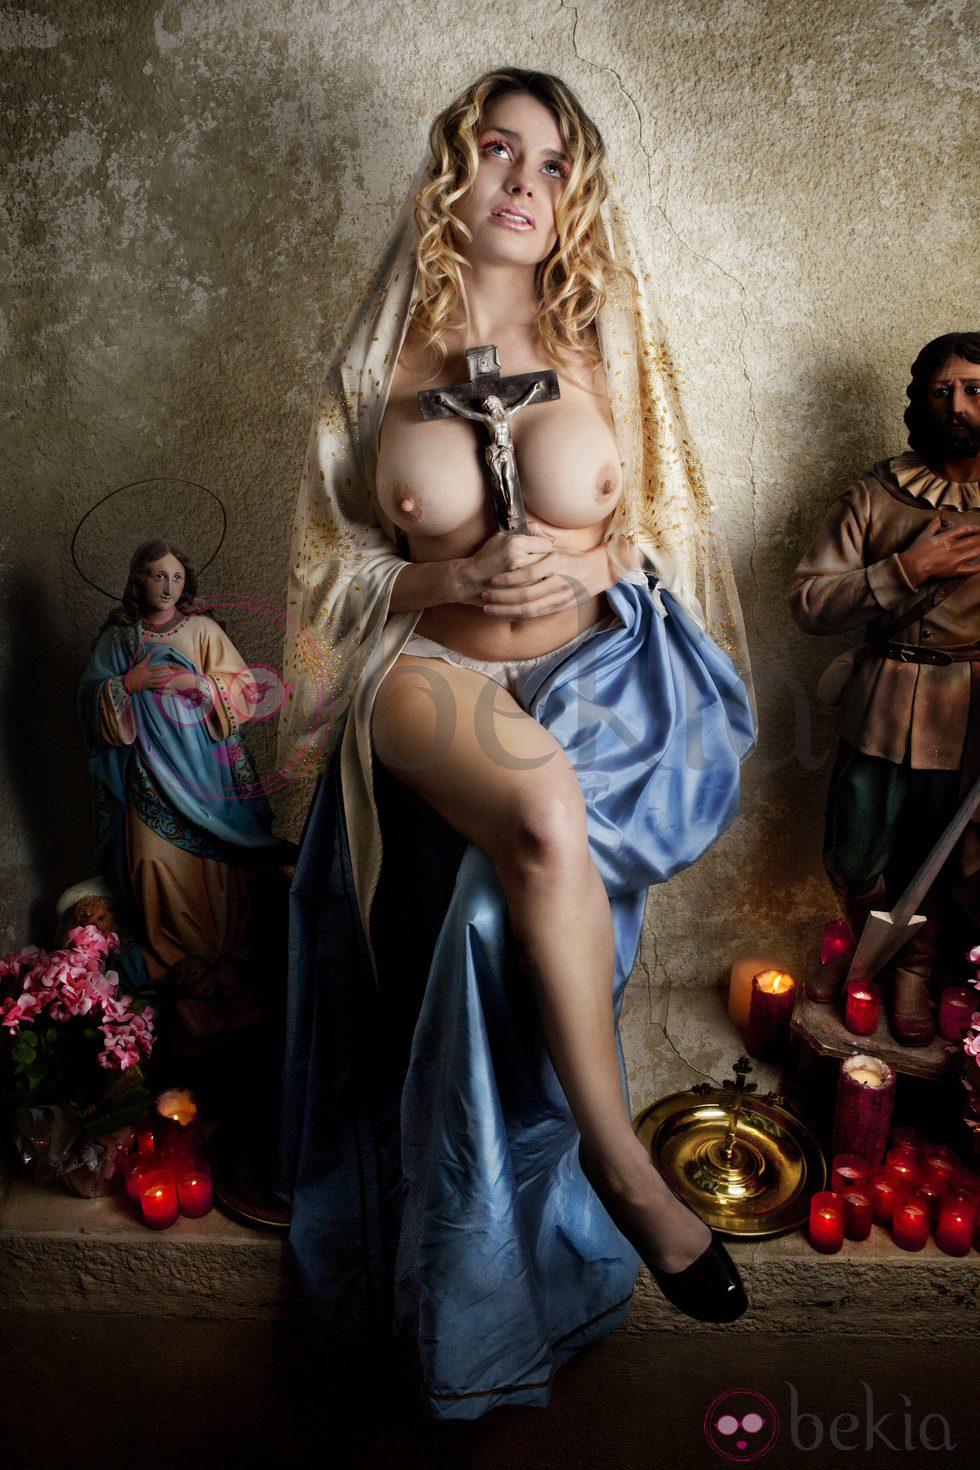 María Lapiedra se transforma en una Virgen María muy picante